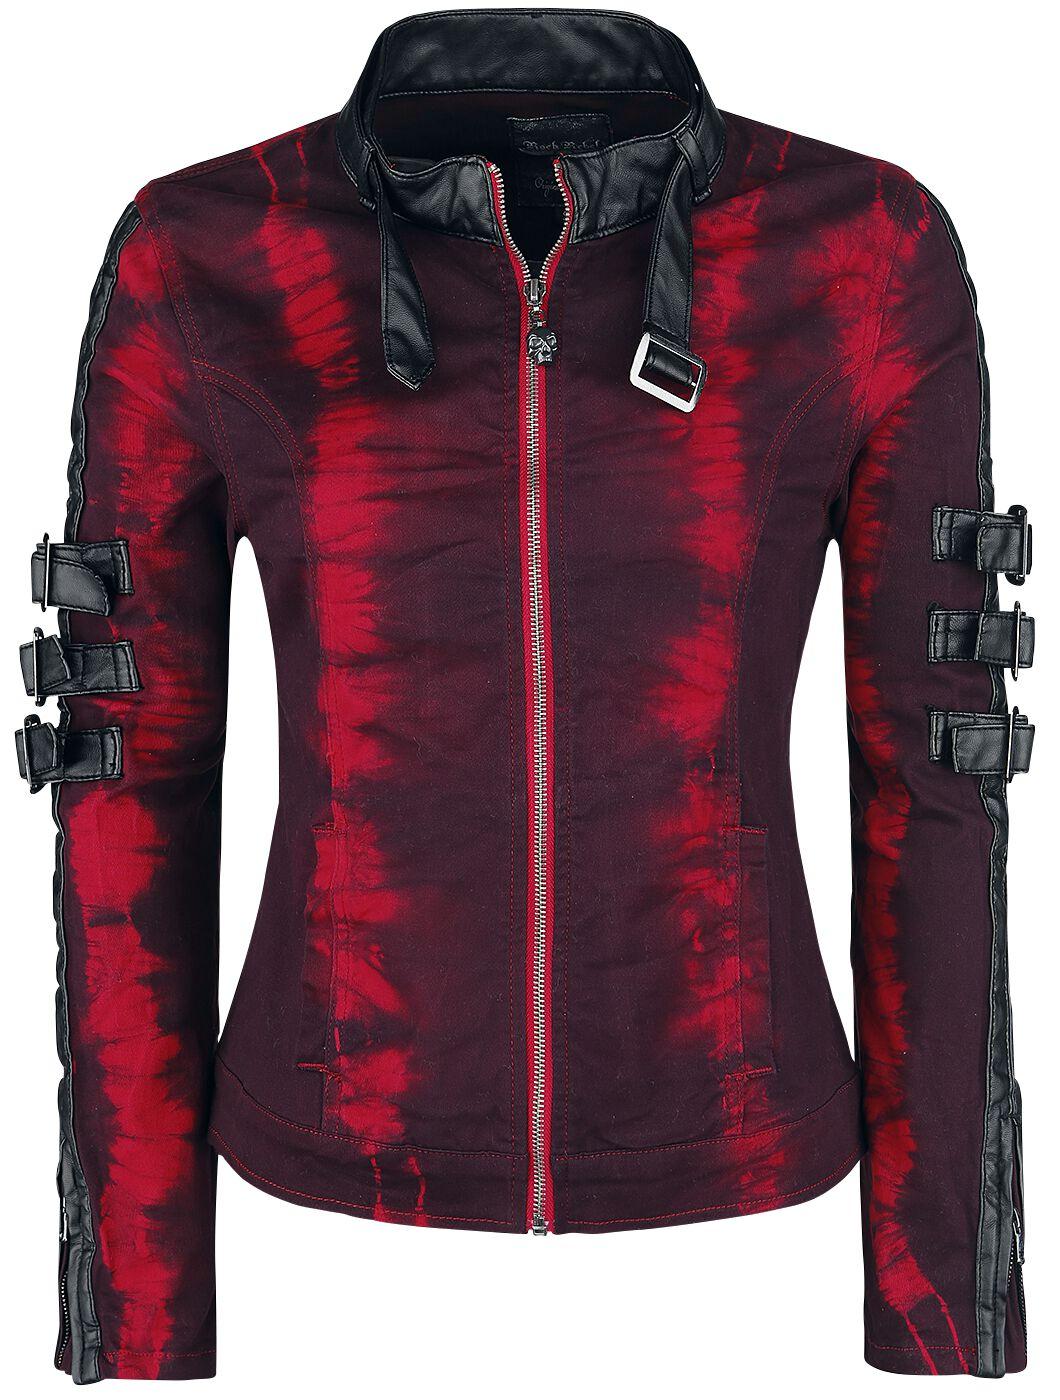 Jacken für Frauen - Rock Rebel by EMP Rock The Night Übergangsjacke rot schwarz  - Onlineshop EMP